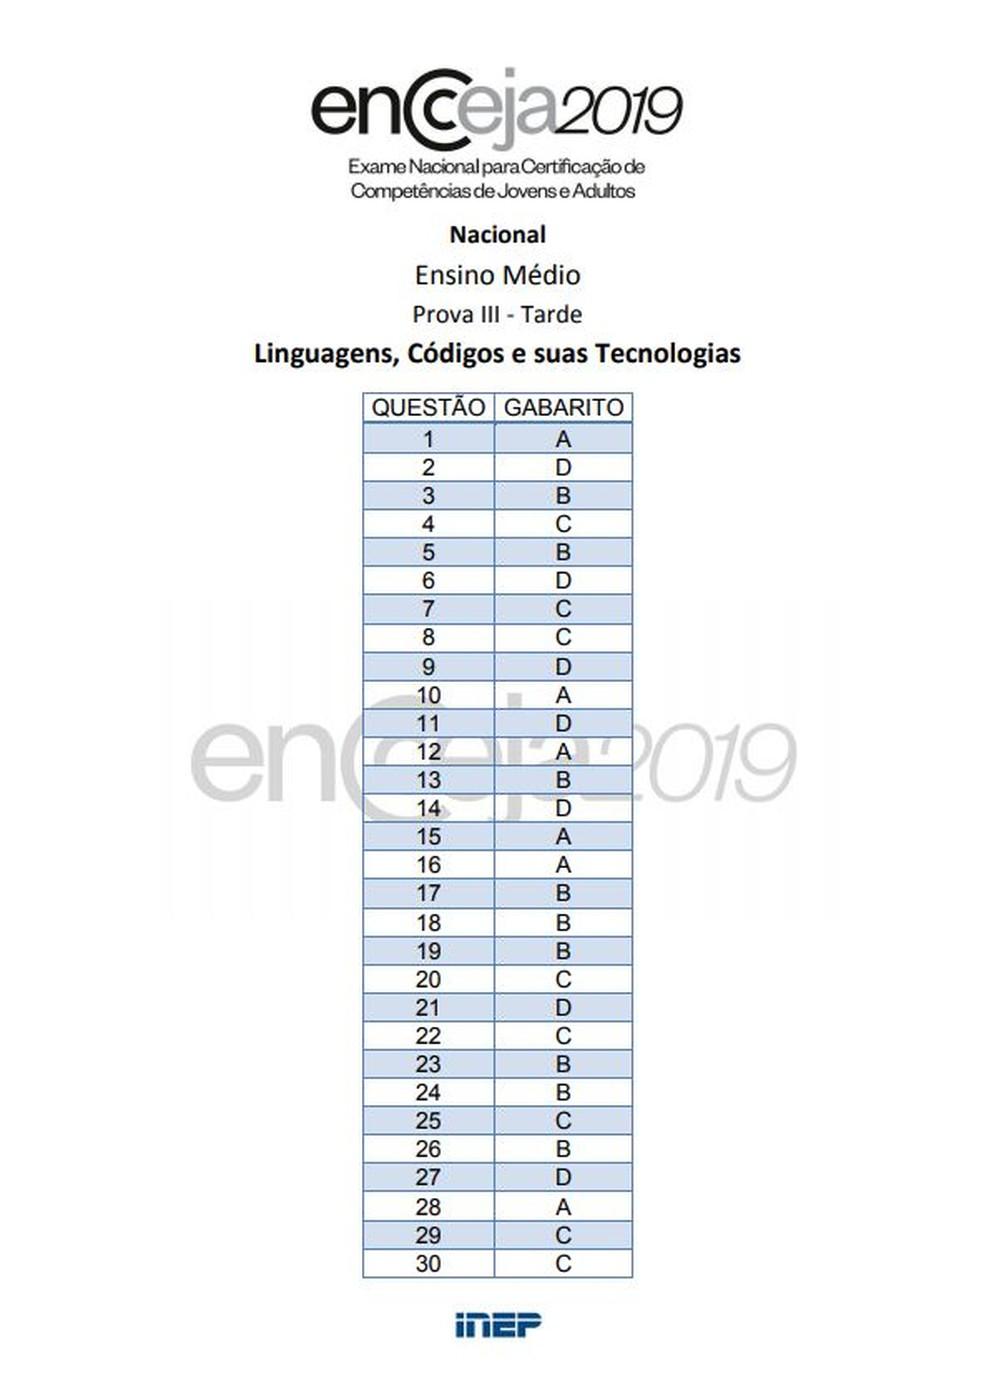 Gabarito Encceja 2019 ensino médio: prova de linguagens — Foto: Reprodução/Inep